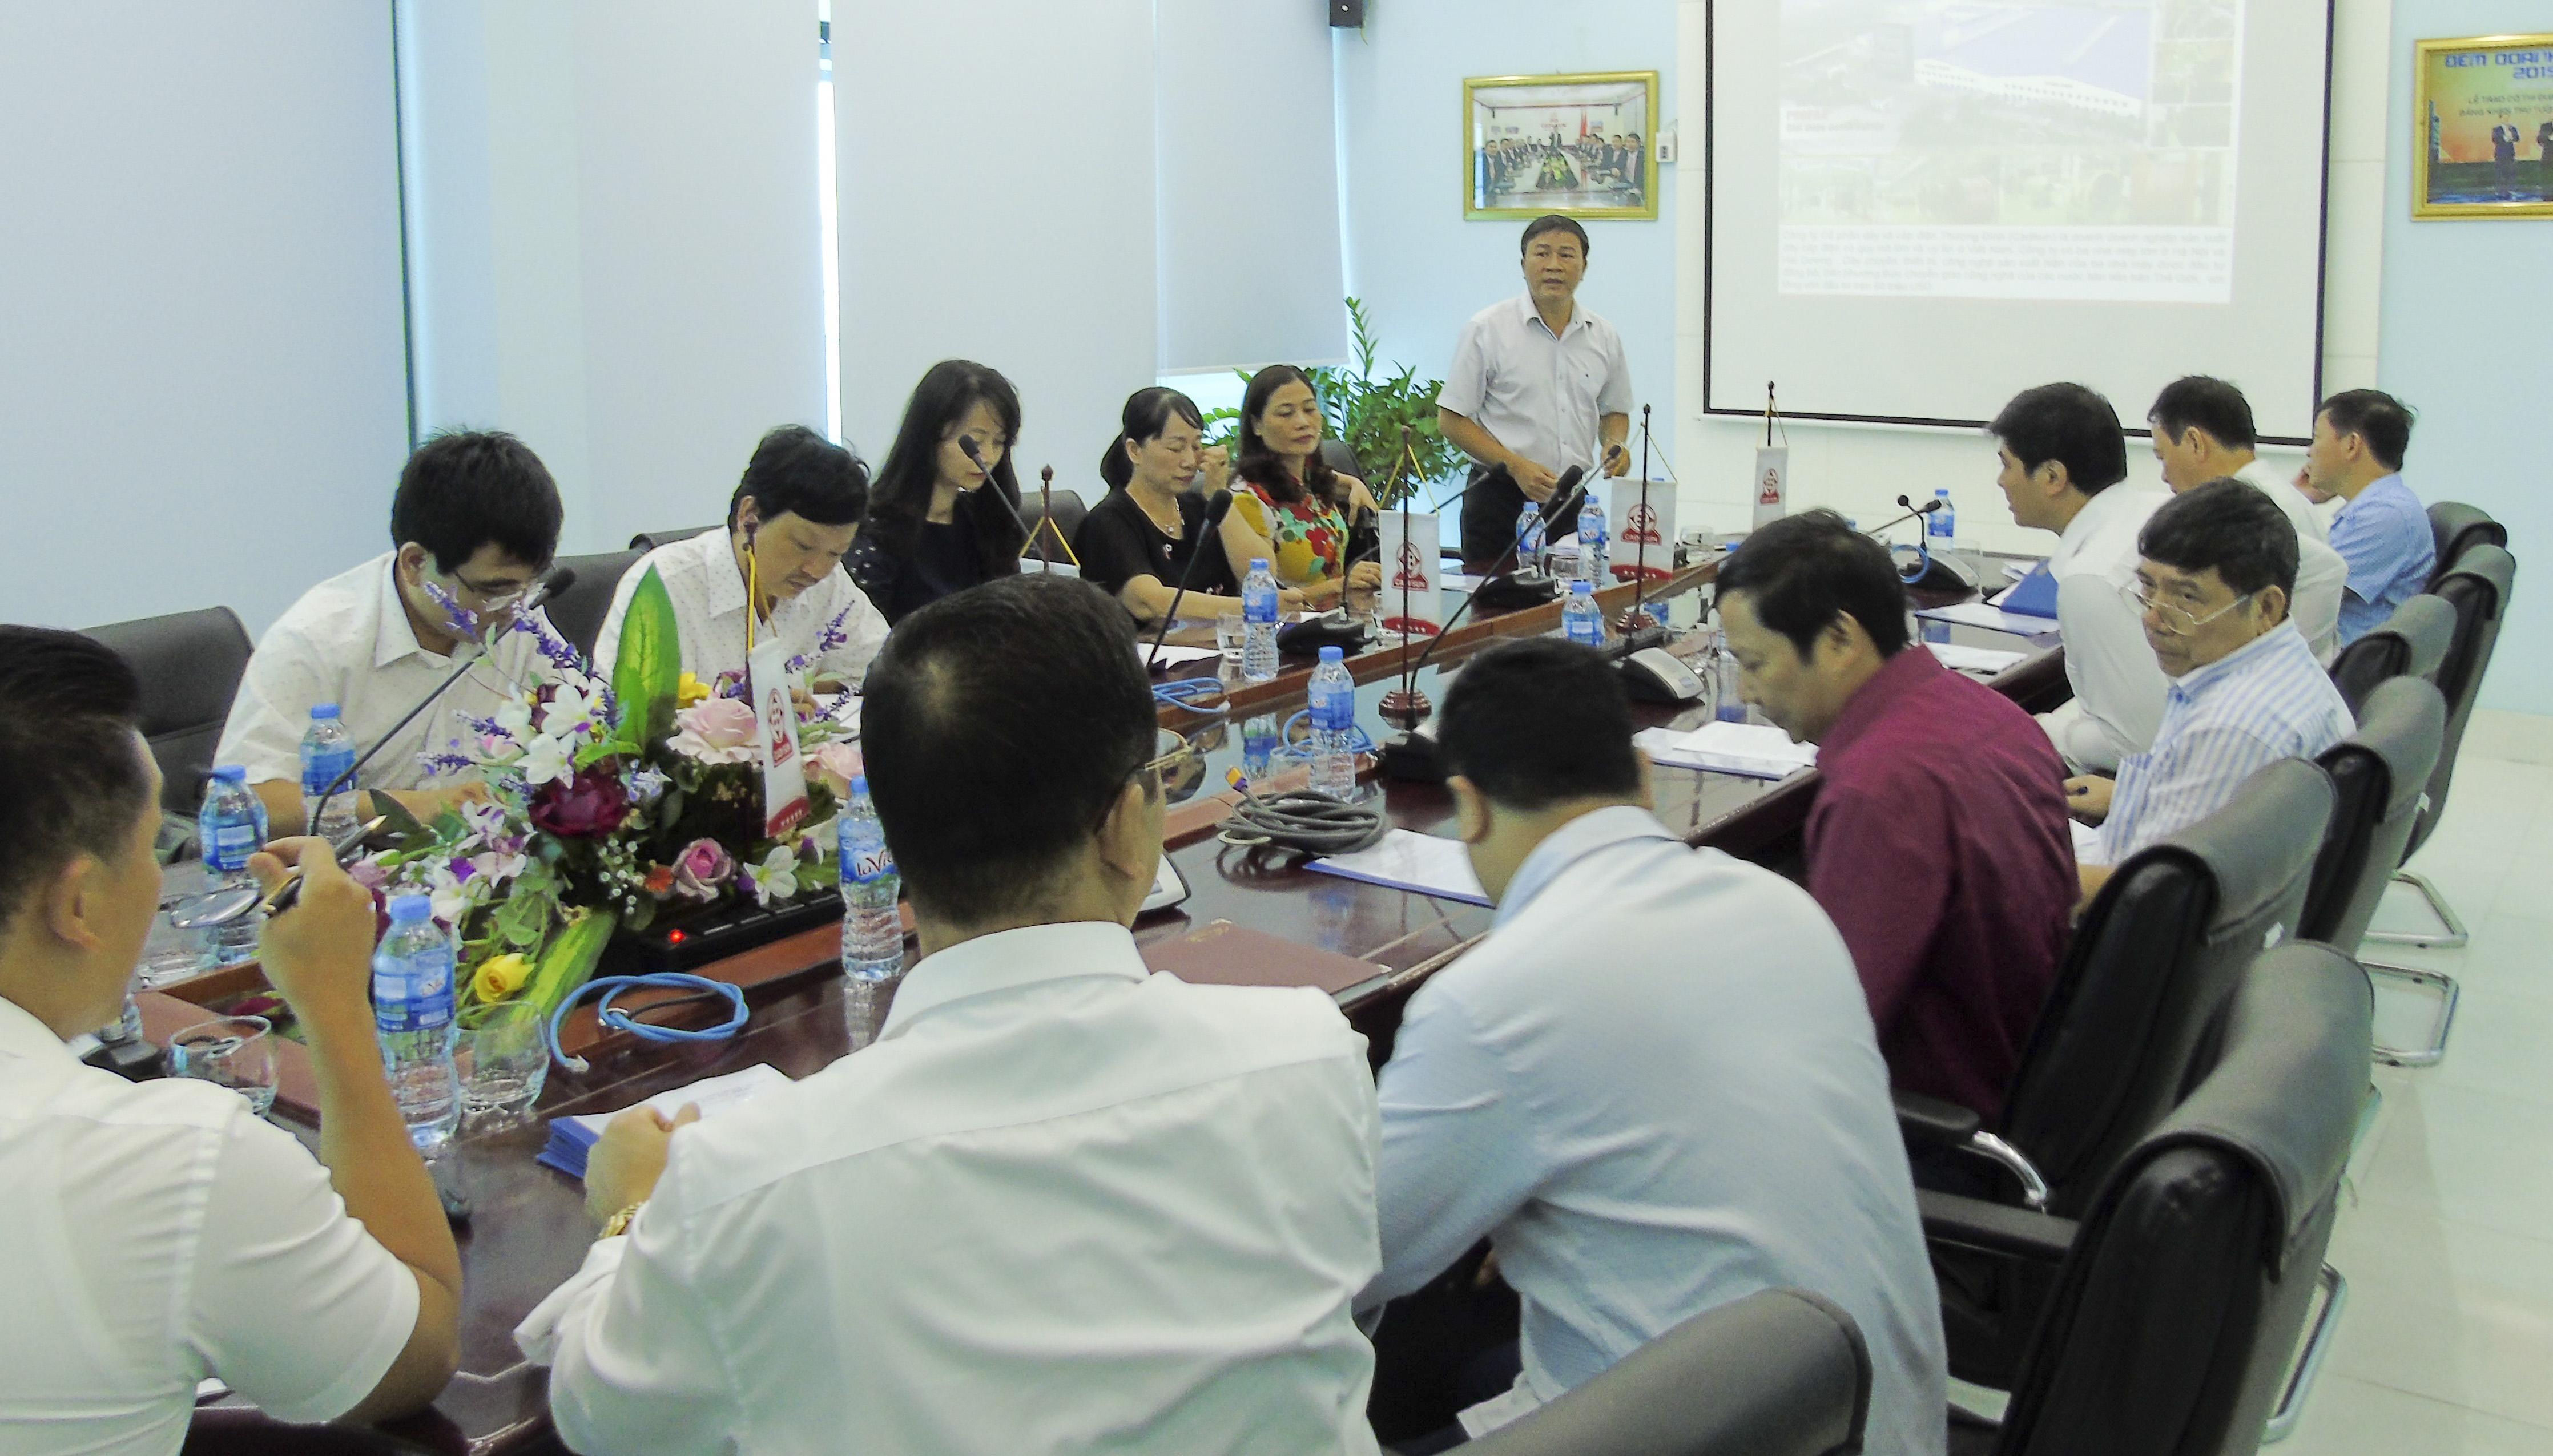 Cụm Công nghiệp Lương Điền – Mô hình điểm trong các khu, cụm công nghiệp của Tỉnh Hải Dương